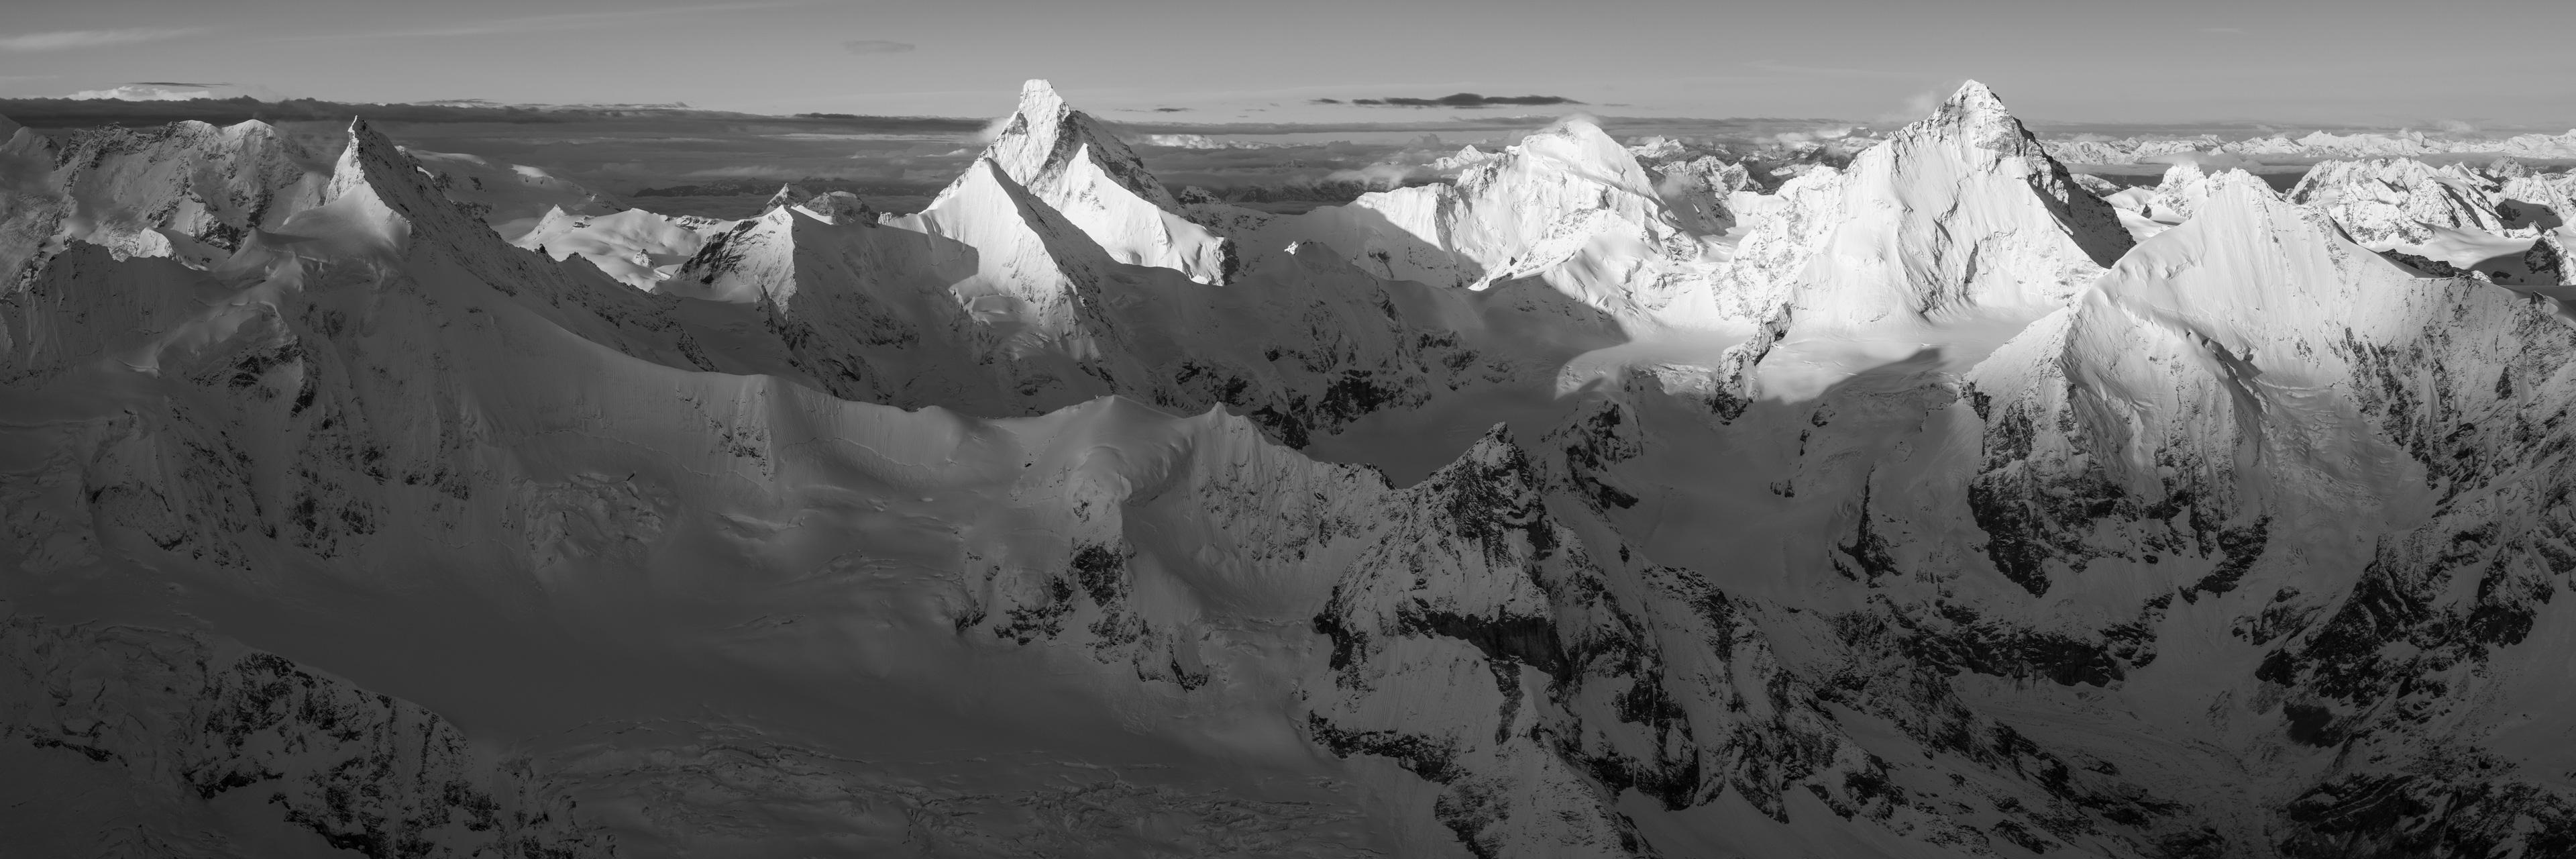 Photo encadrée couronne impériale de Zinal - déco ambiance chalet de montagne